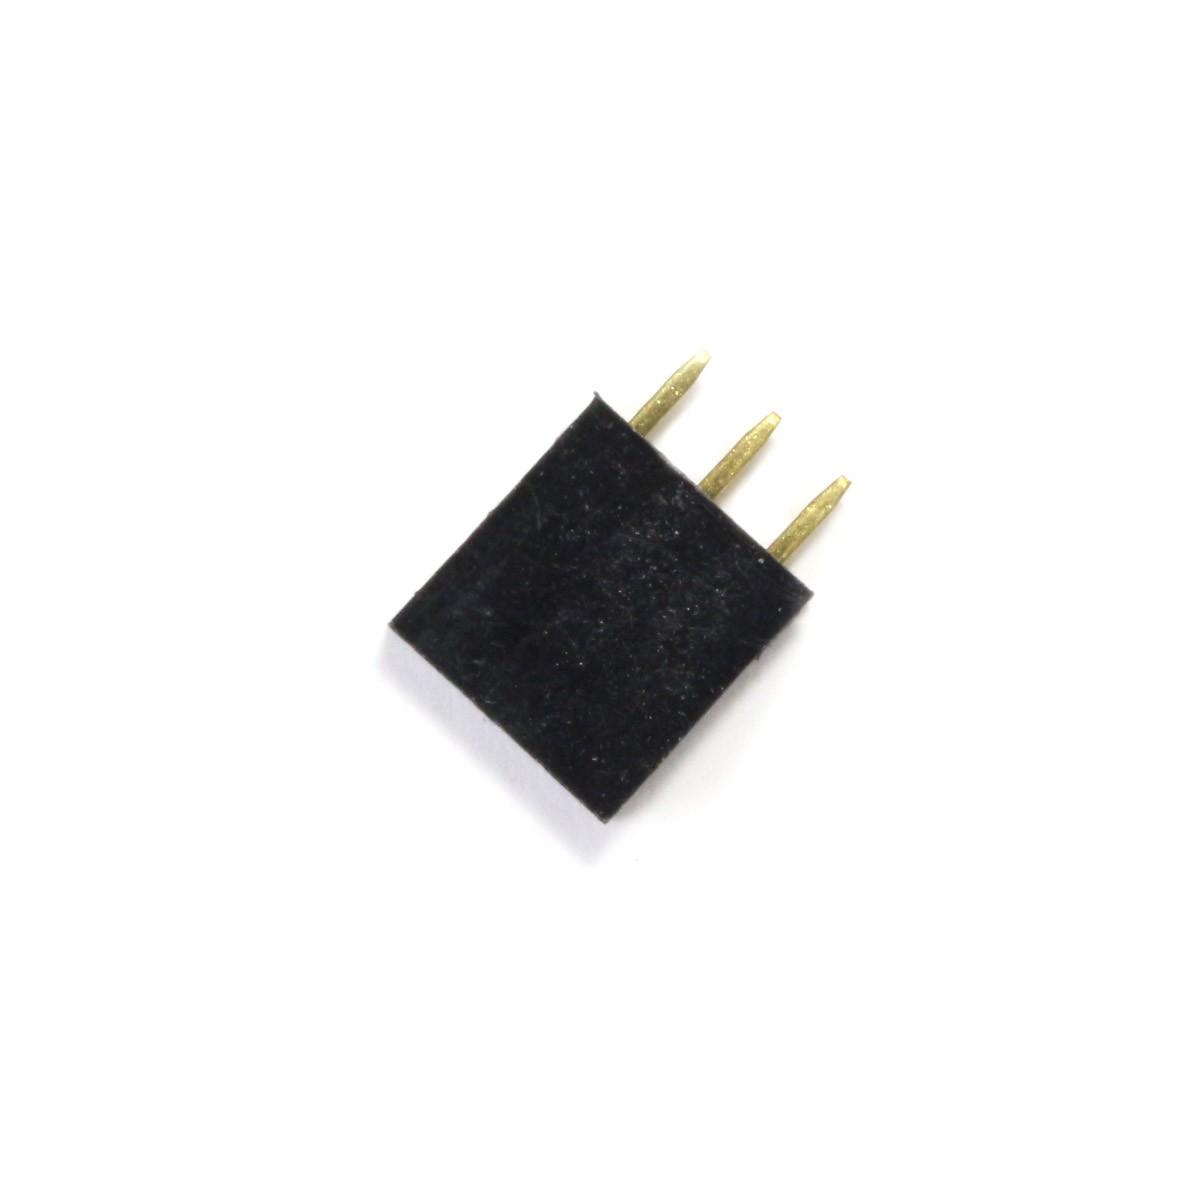 Connecteur Barrette Droit Femelle / Mâle 1x3 Pins Écartement 2.54mm